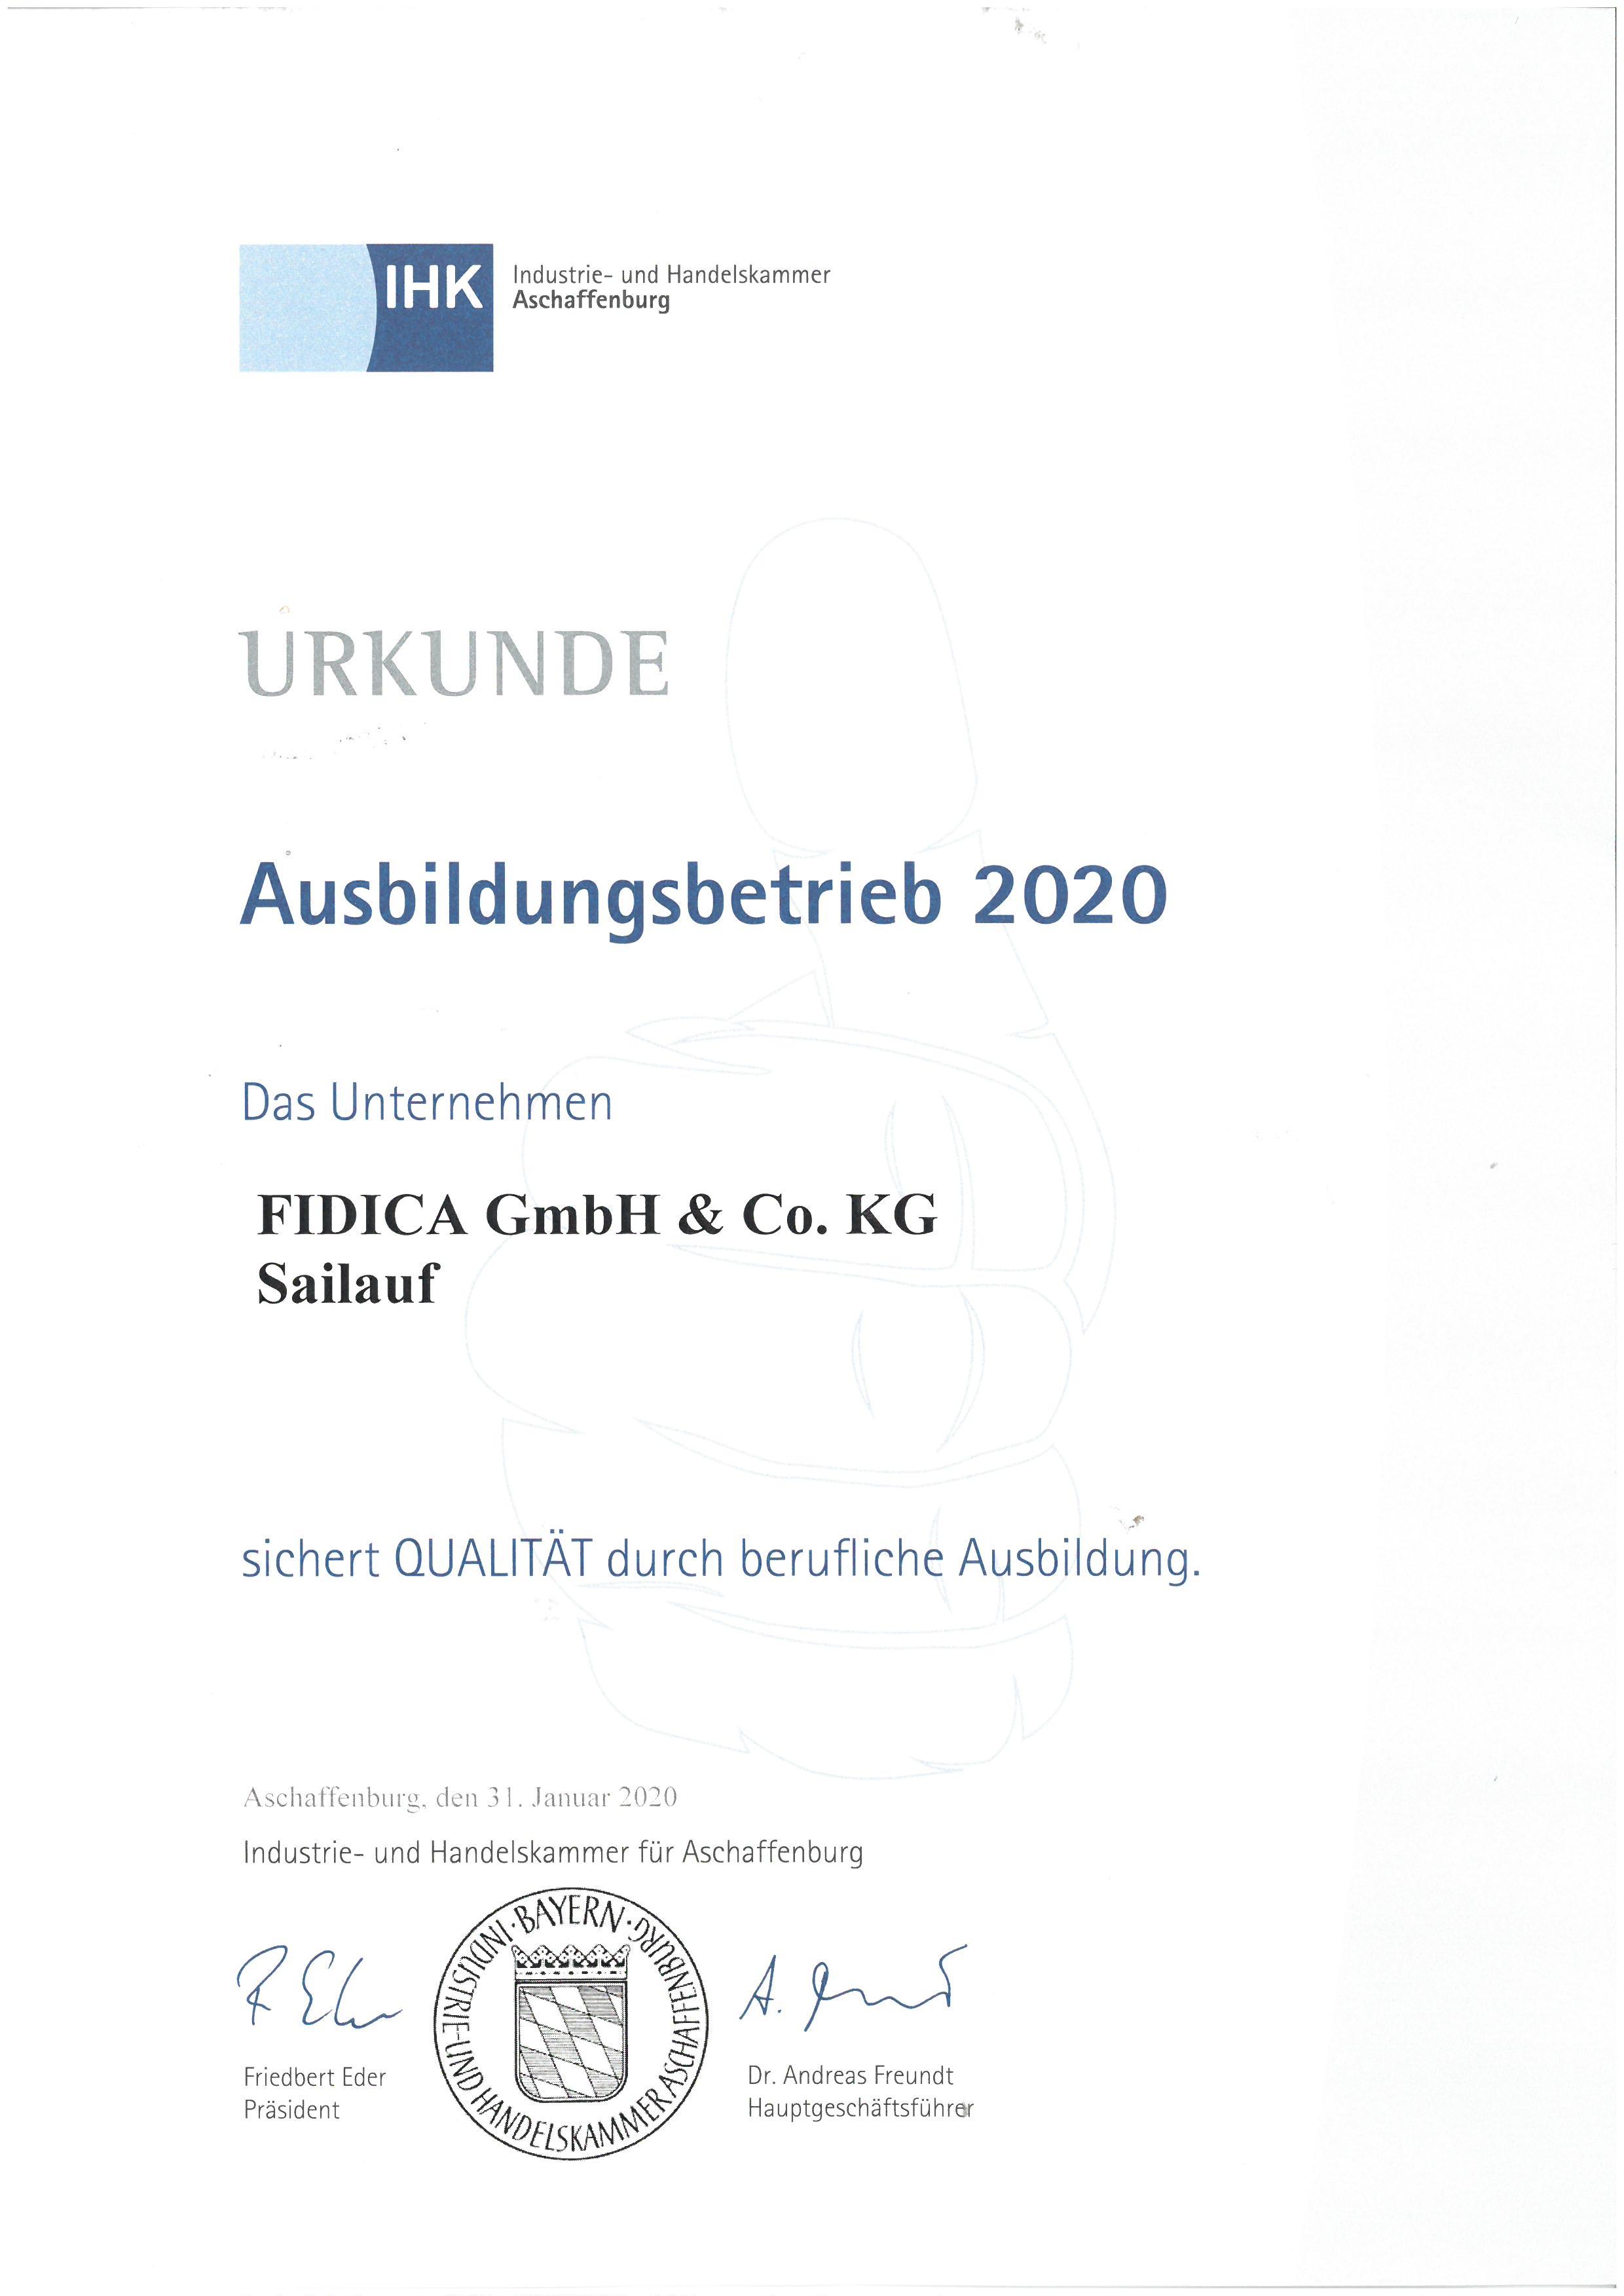 Urkunde Ausbildungsbetrieb 2020